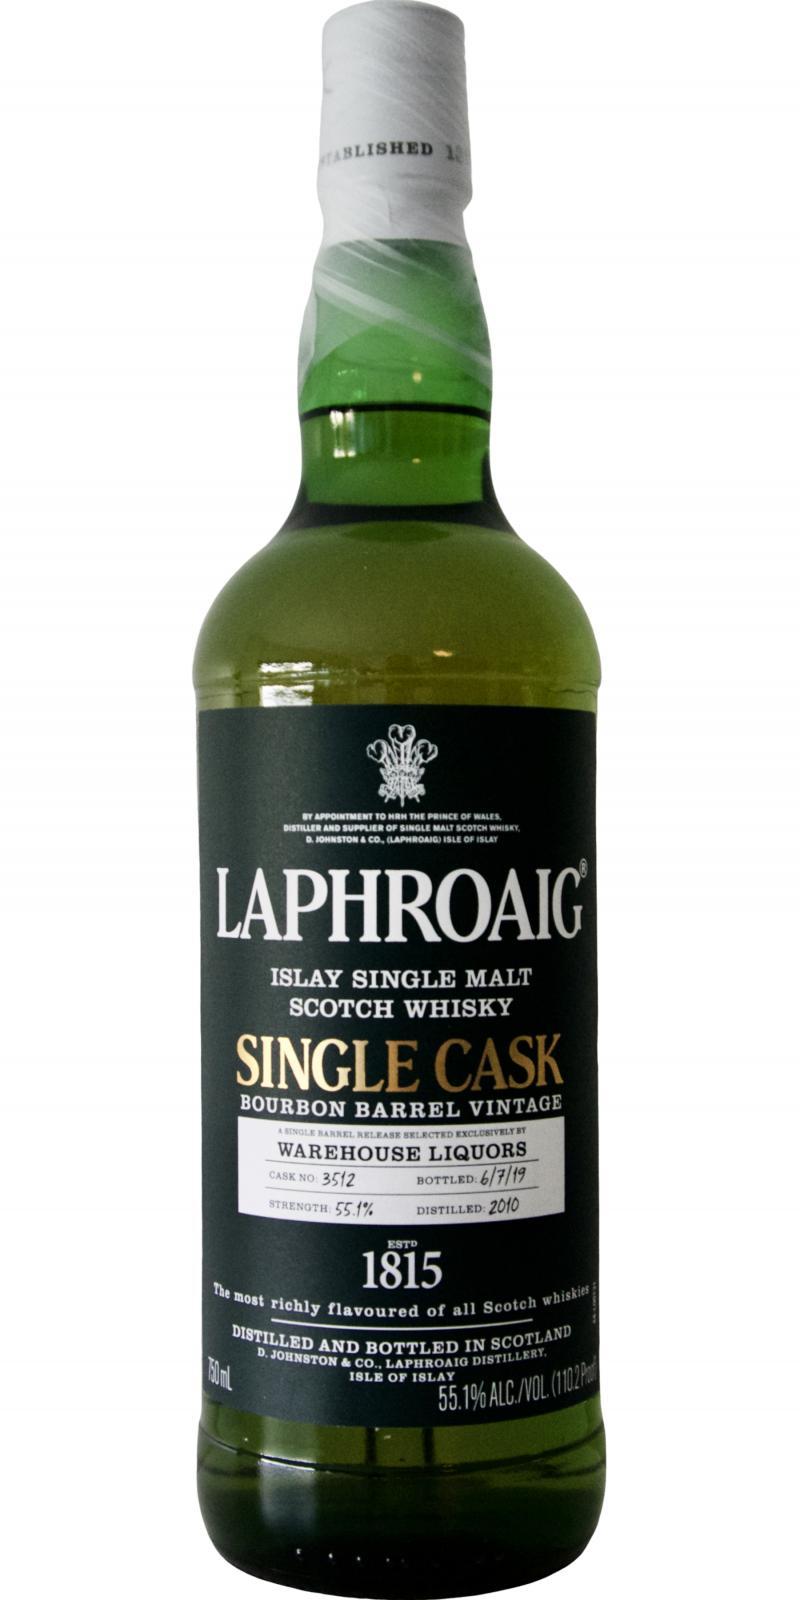 Laphroaig 2010